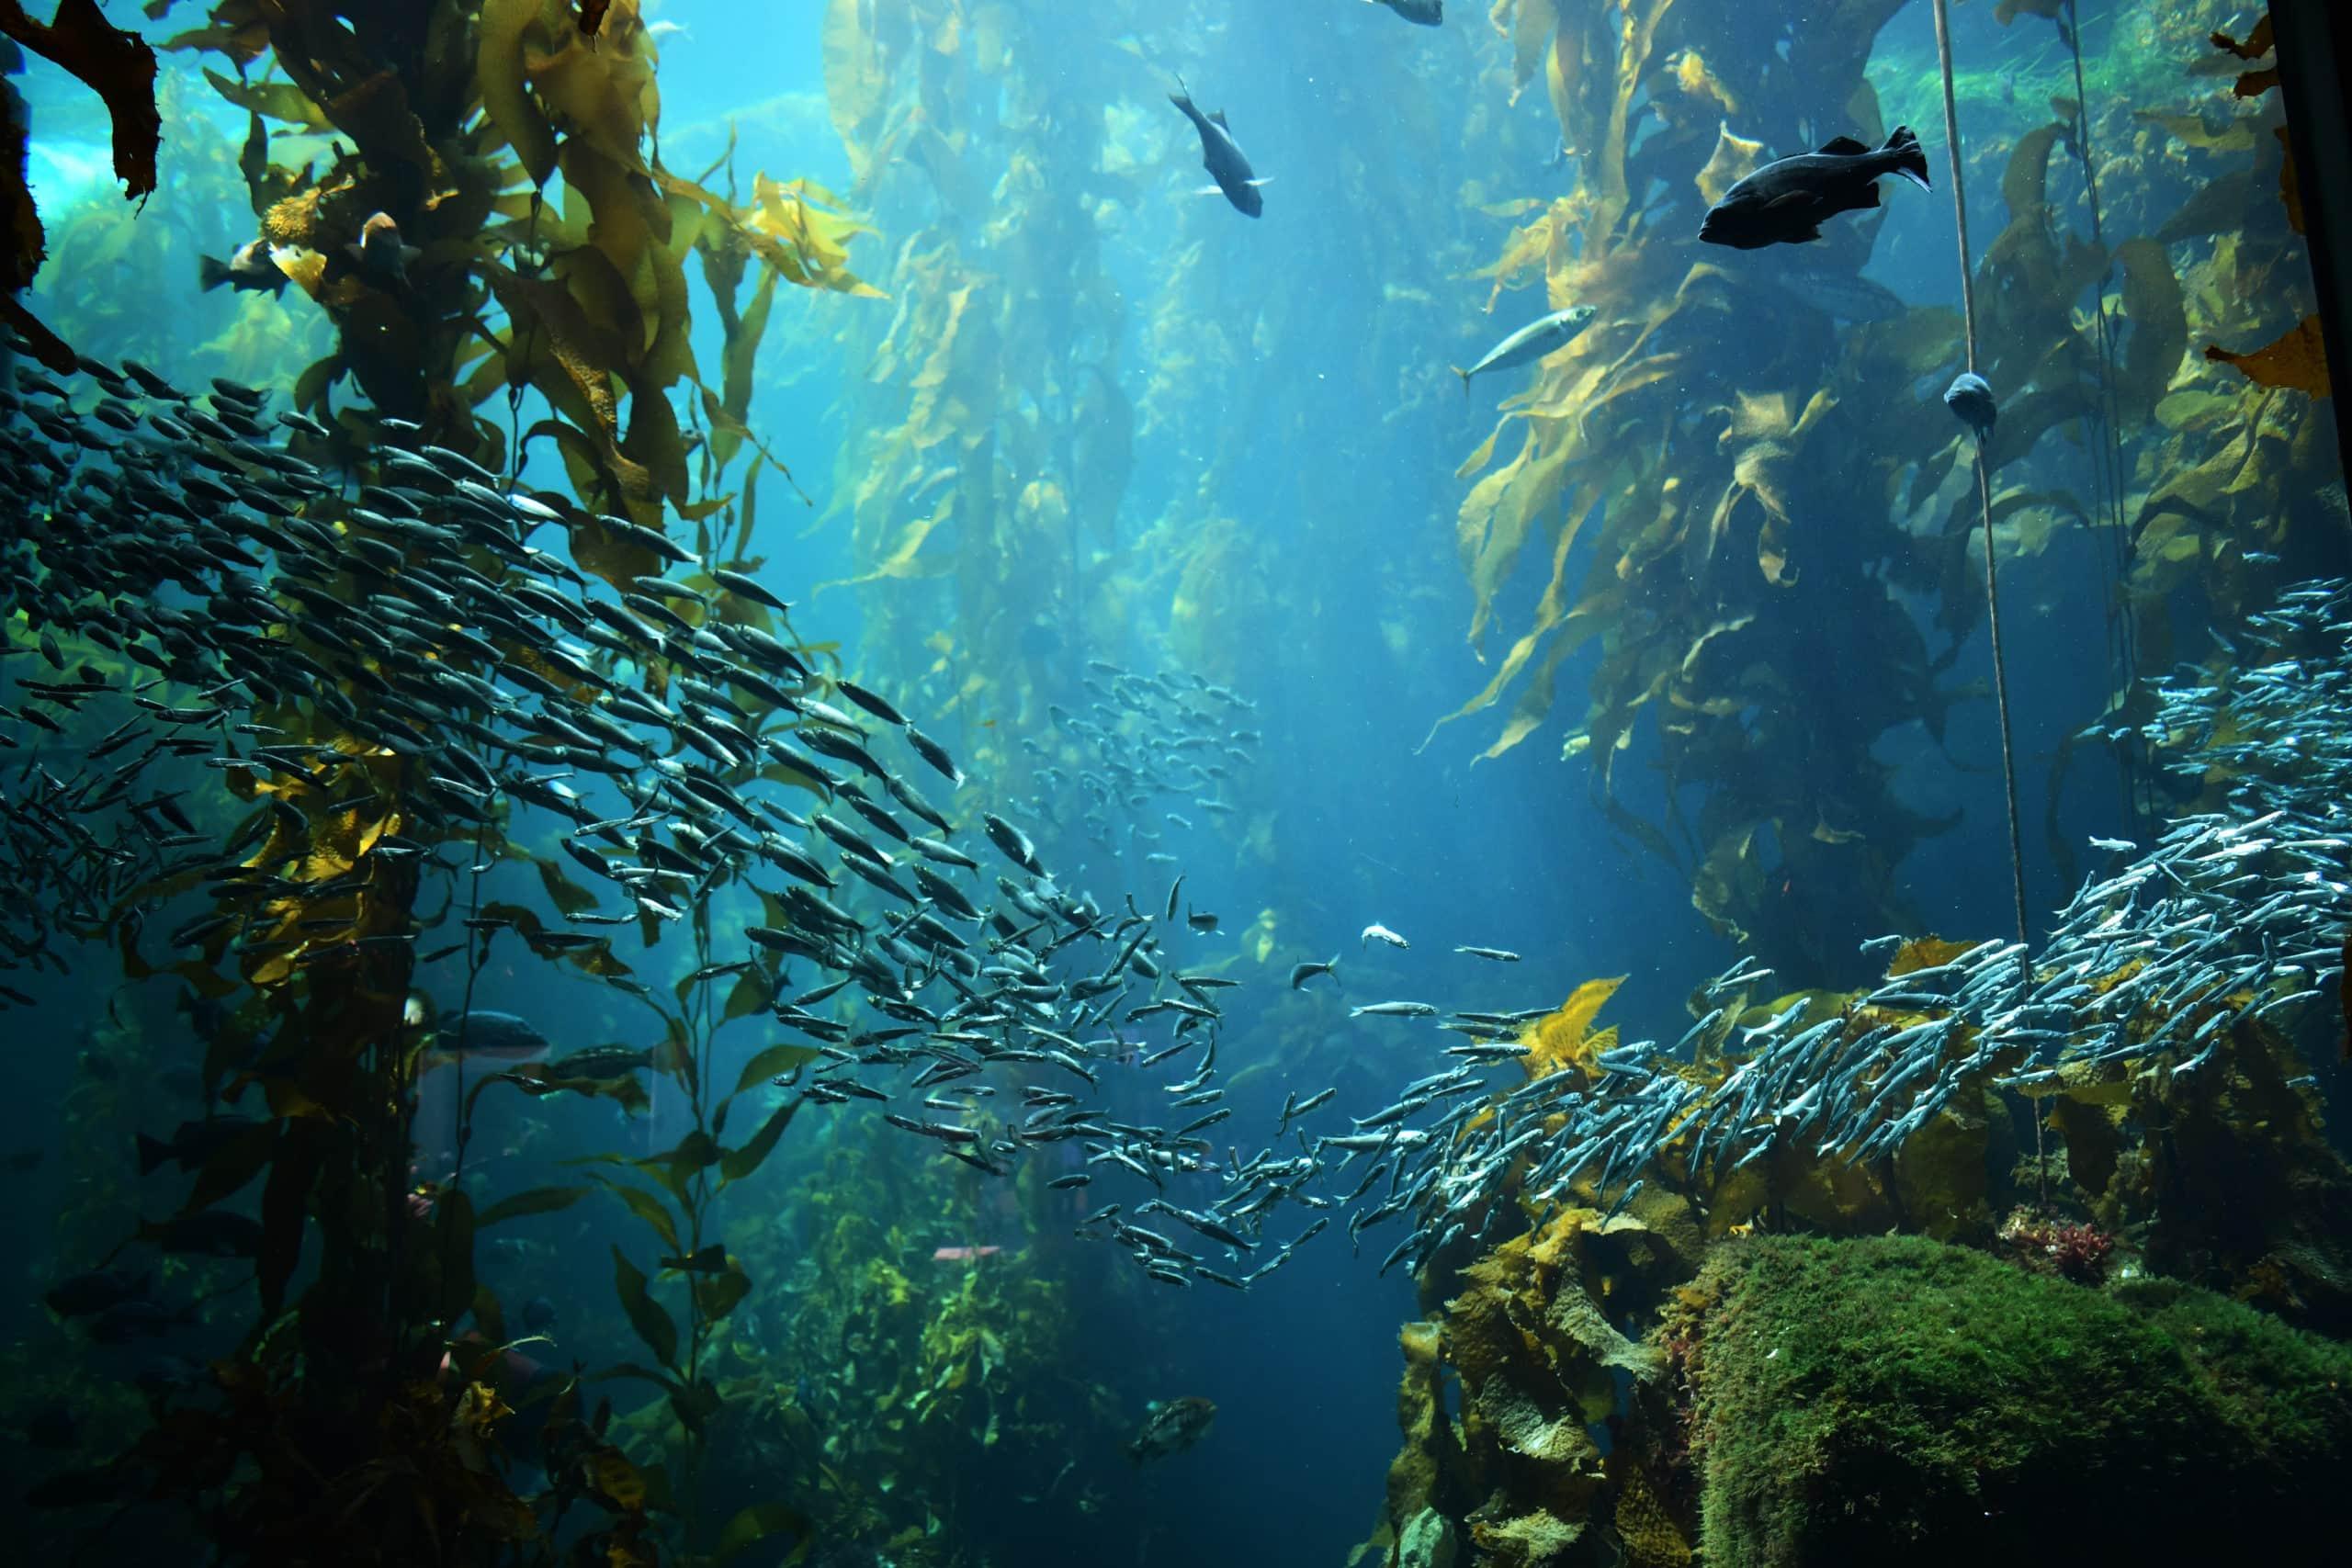 岩場と藻場と小魚のイメージ